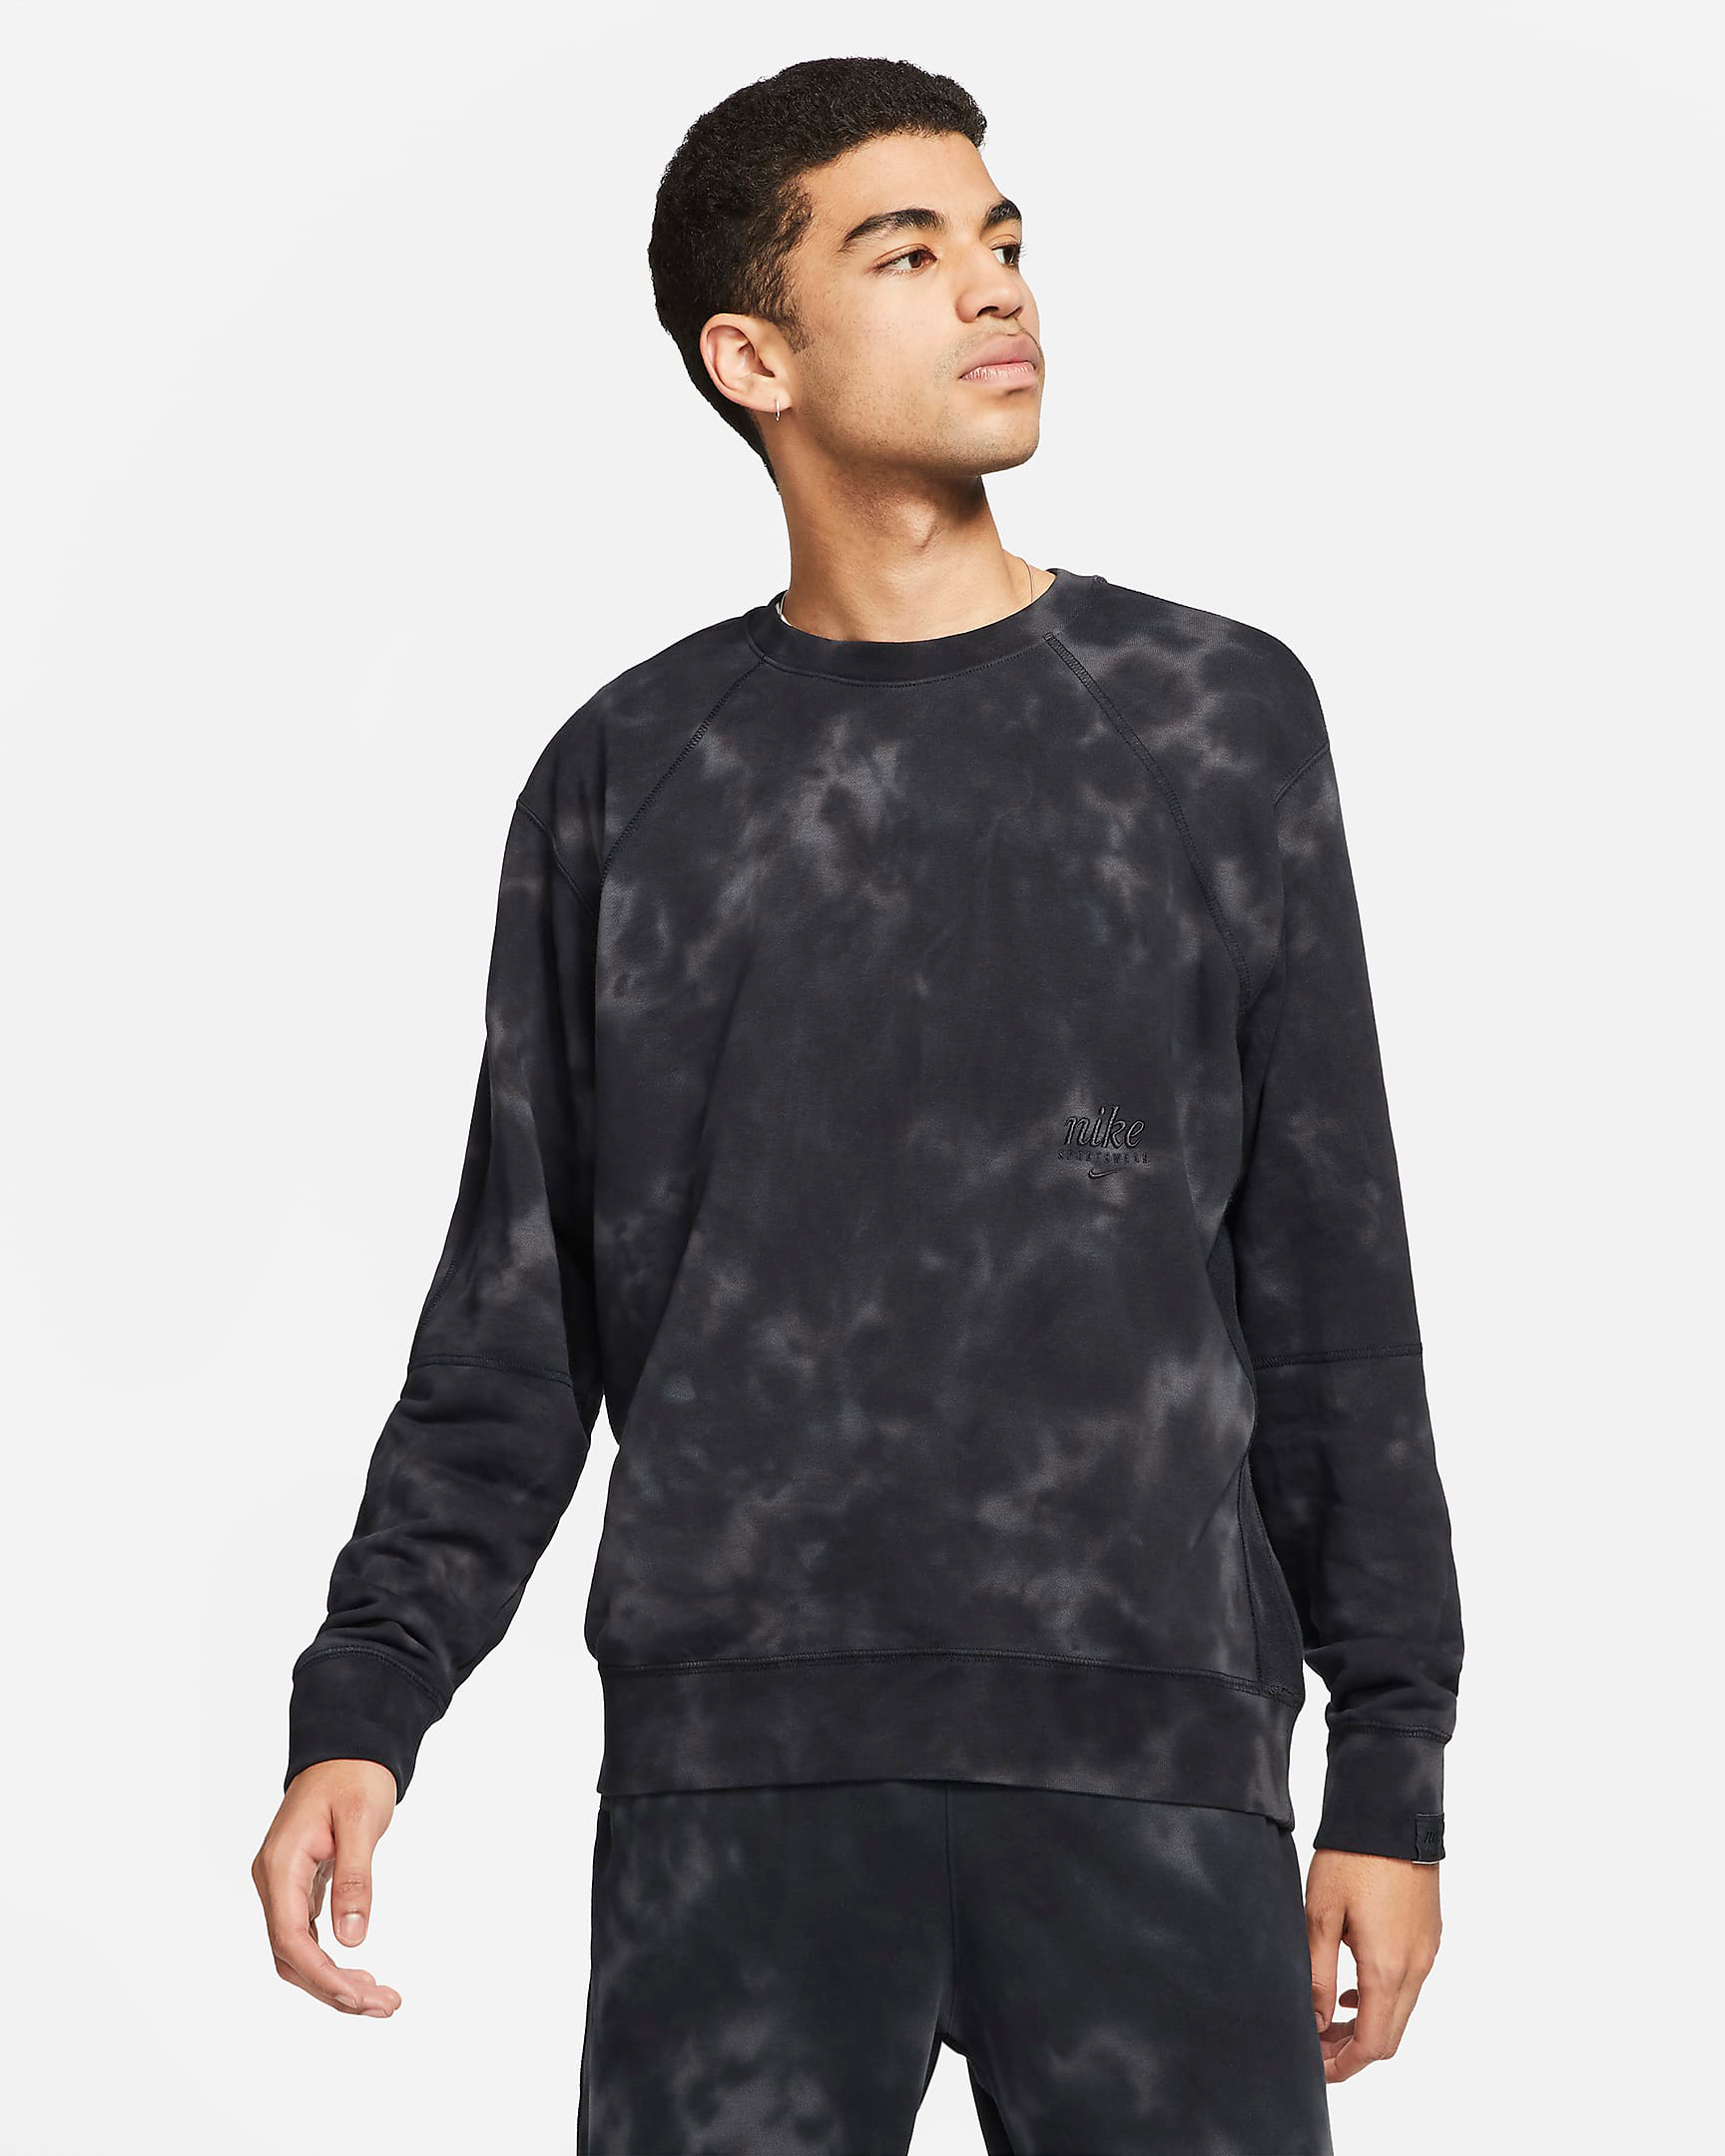 nike-club-fleece-black-tie-dye-sweatshirt